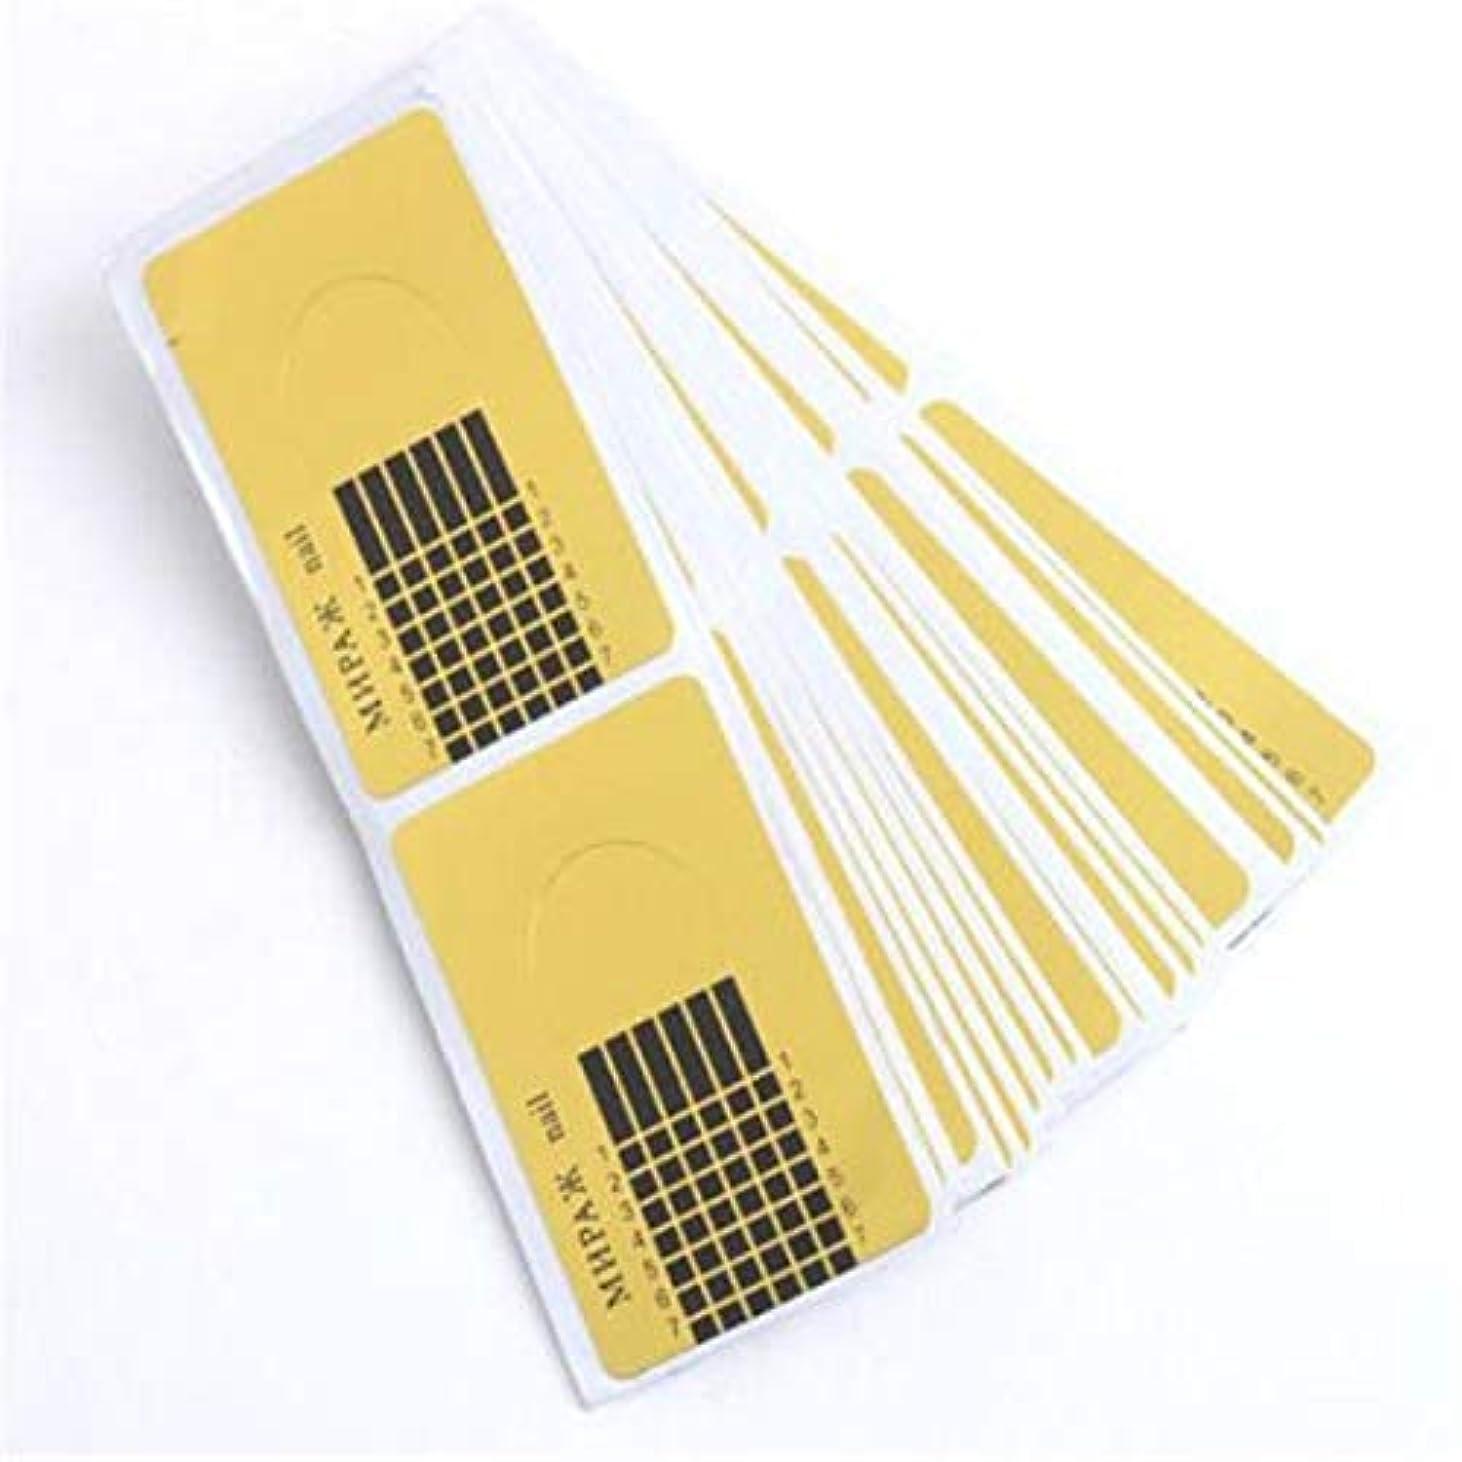 リズミカルなきしむ集中Wadachikis 信頼性デザイン100個新しいコンセプトゴールド昆虫タイプ指トリートメント爪サポートクリスタル特殊ホルダー(None golden)